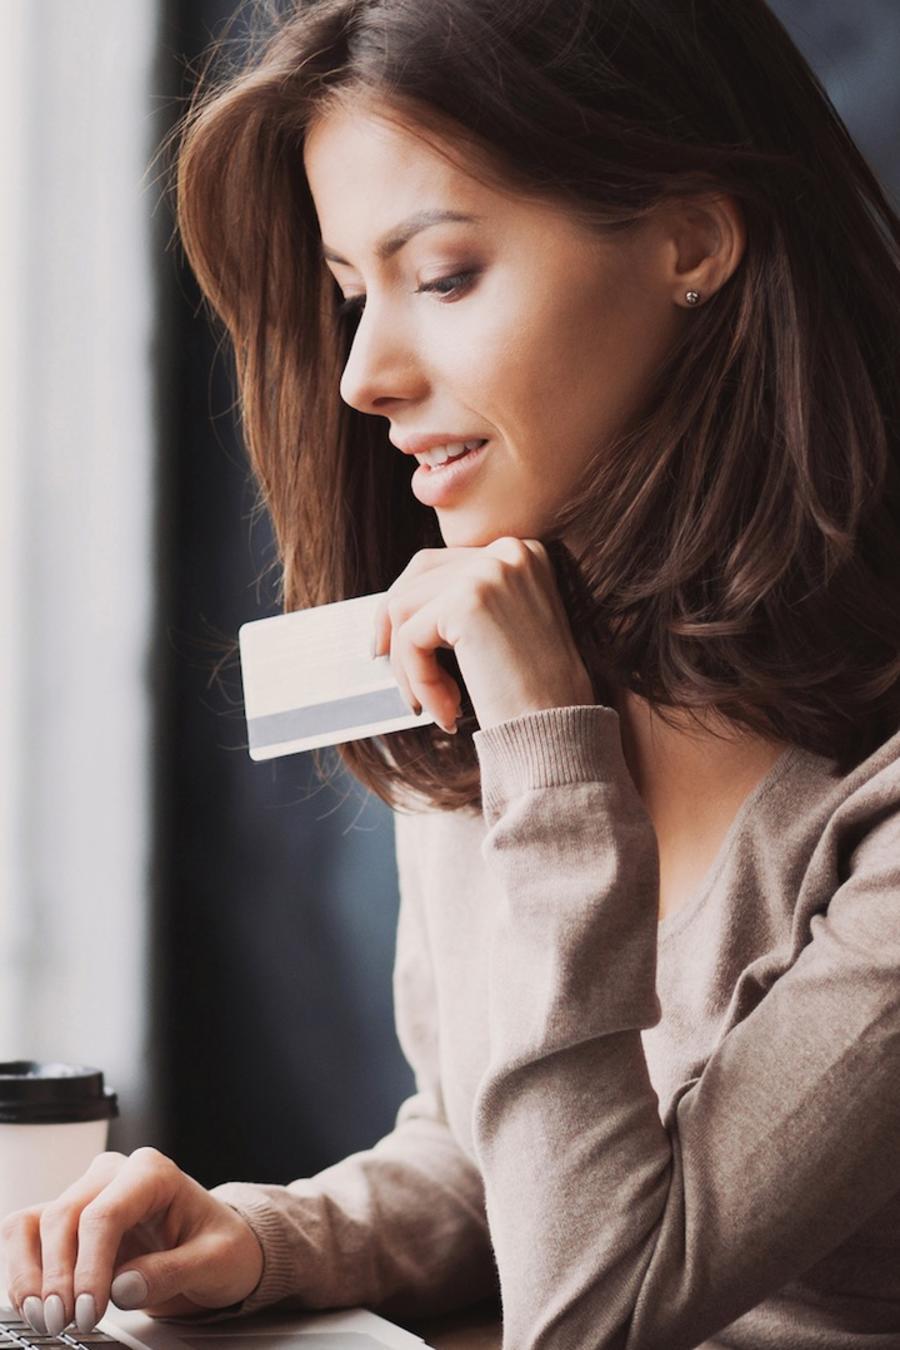 Mujer comprando con tarjeta de crédito